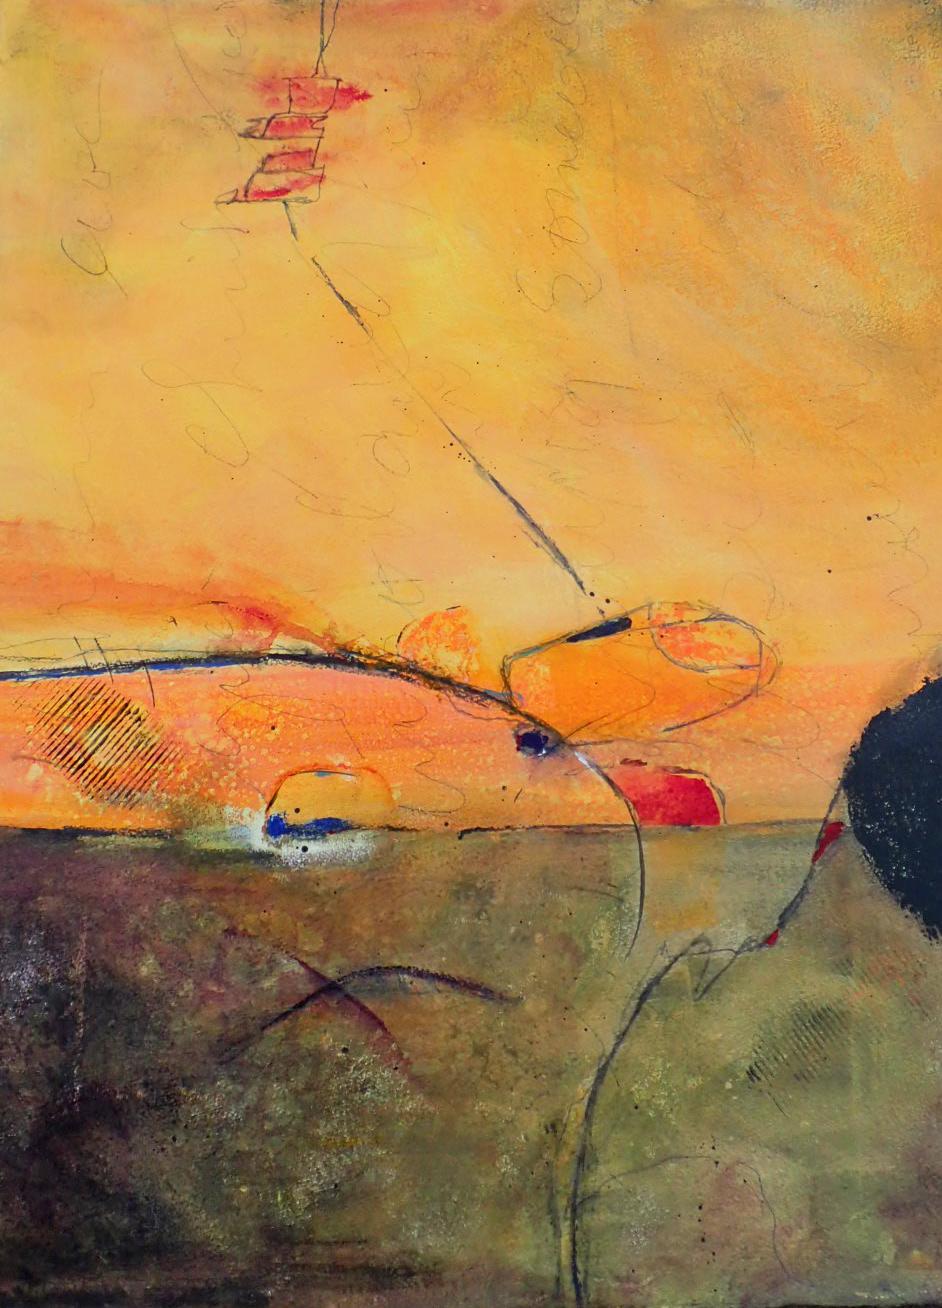 Volante by Jan Loomis